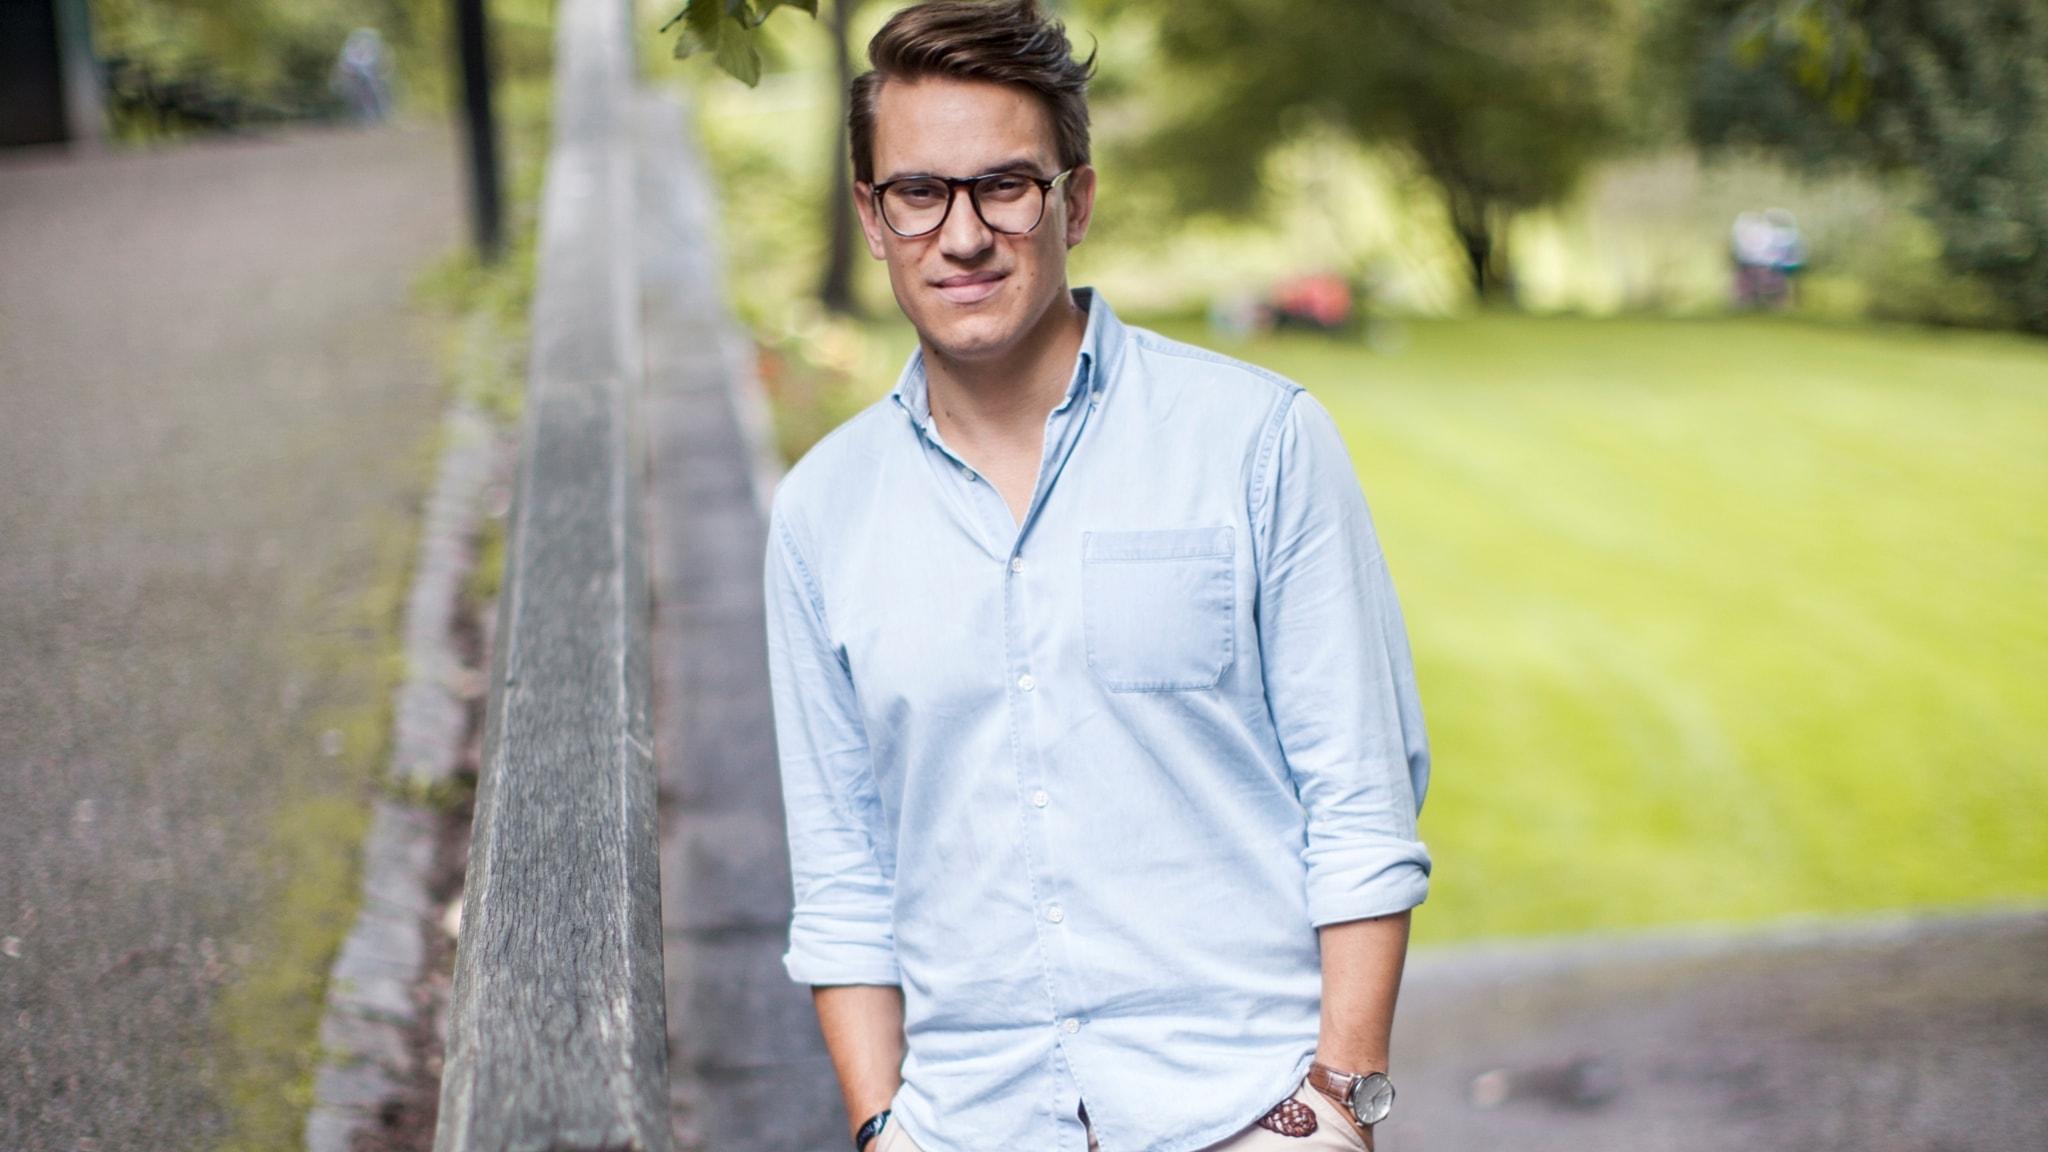 En fotsid dräkt åt honom - Erik Andersson